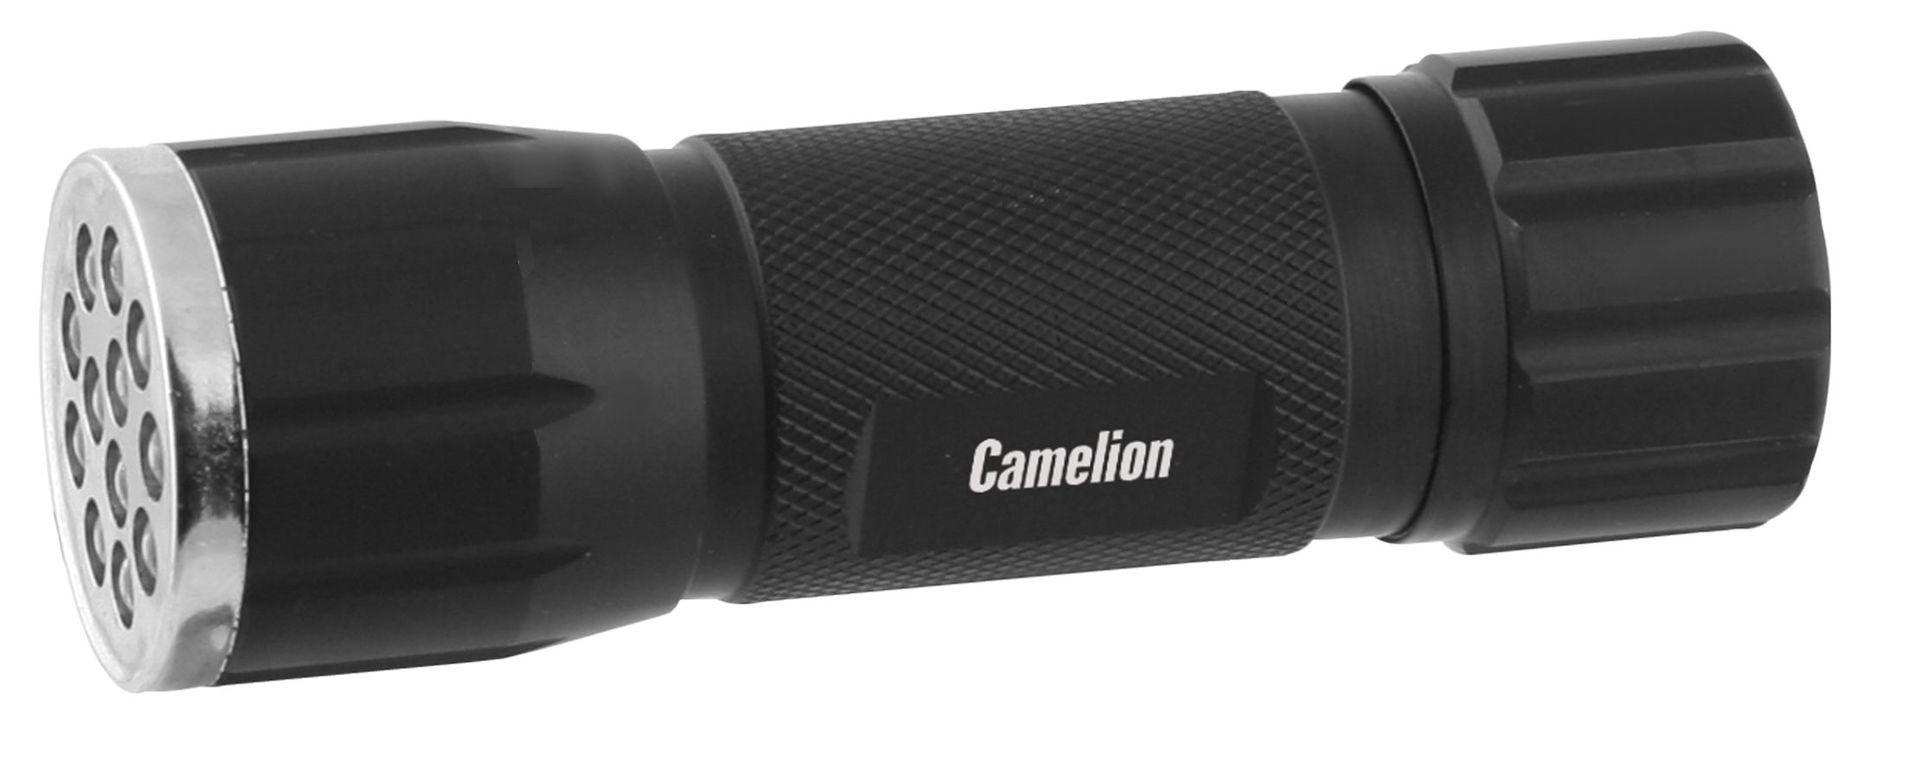 Фонарь Camelion LED 5109-12, 12 LED, 3xR03 (матовый черный)